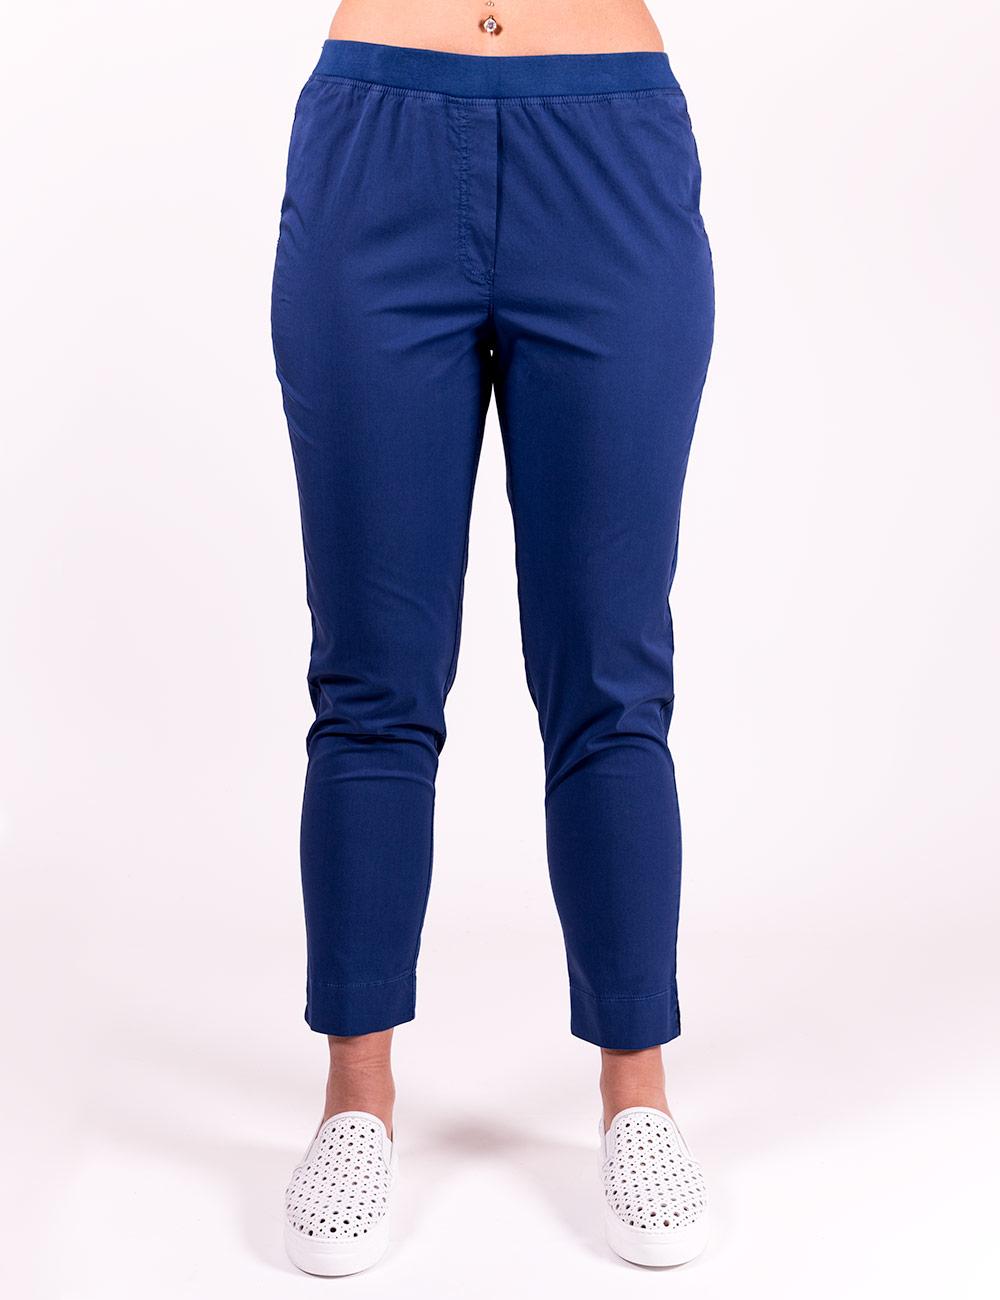 Gaia Life - Pantaloni cotone con elastico in vita blu cina